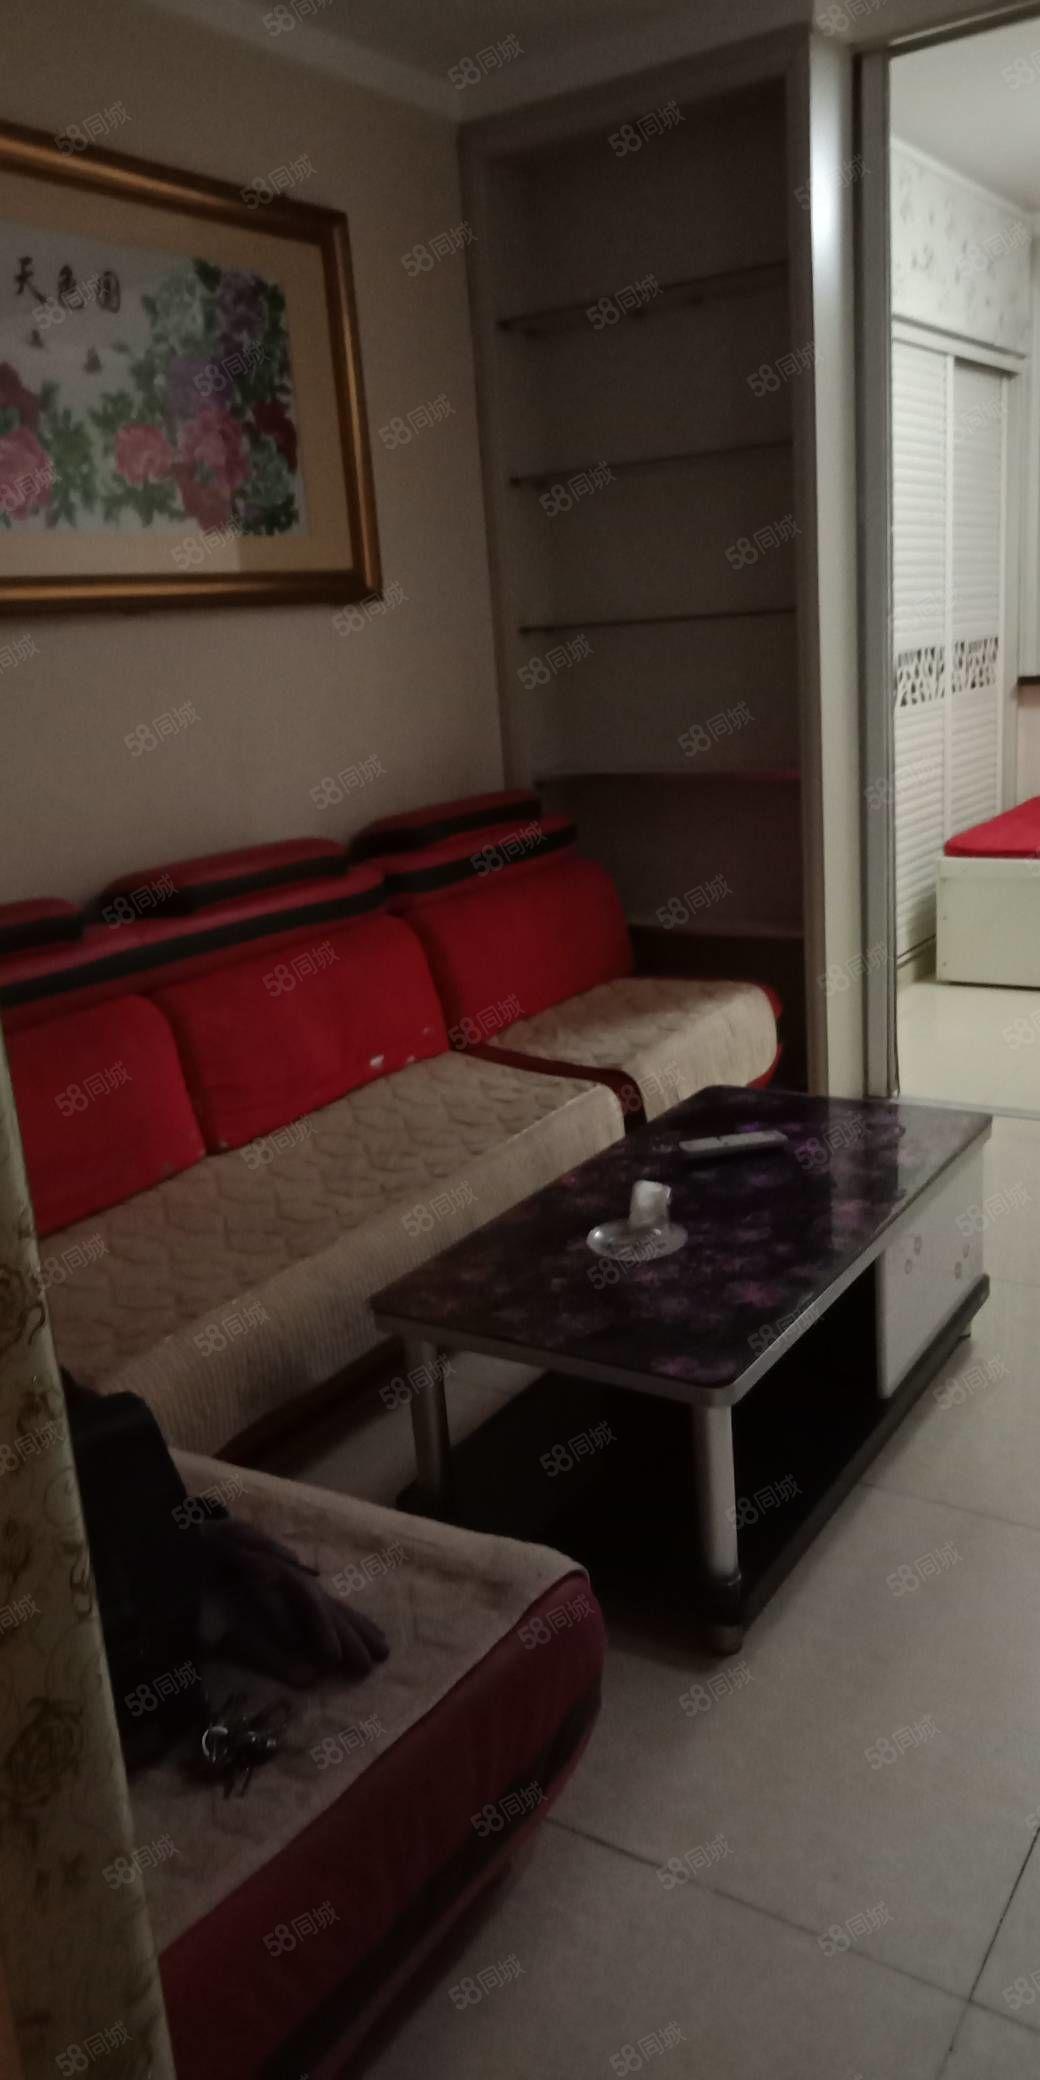 惠民小区精装小公寓出租,55平米,2层,一个月900元,